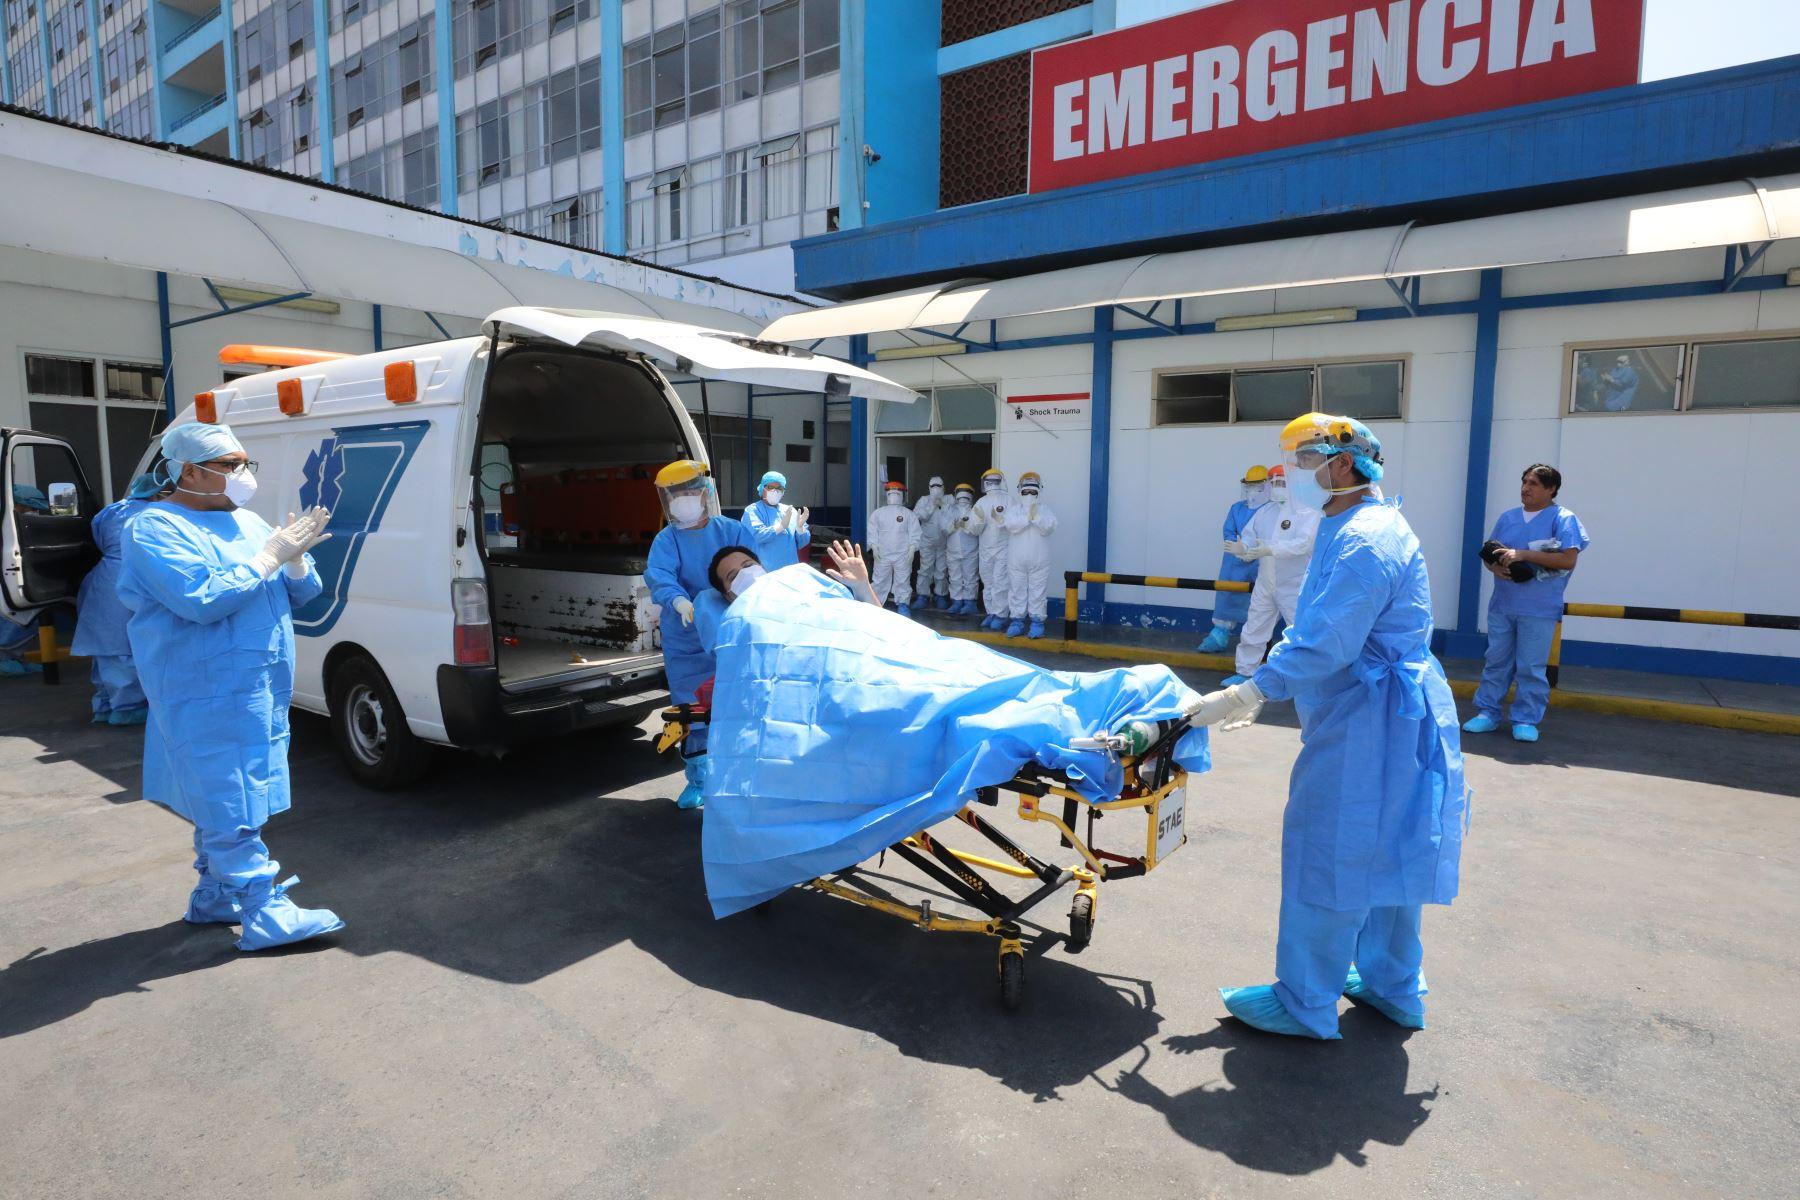 Dos profesionales de la salud contagiados con covid-19, procedentes de Loreto, fueron traídos al hospital Rebagliati. Foto: ANDINA/Difusión